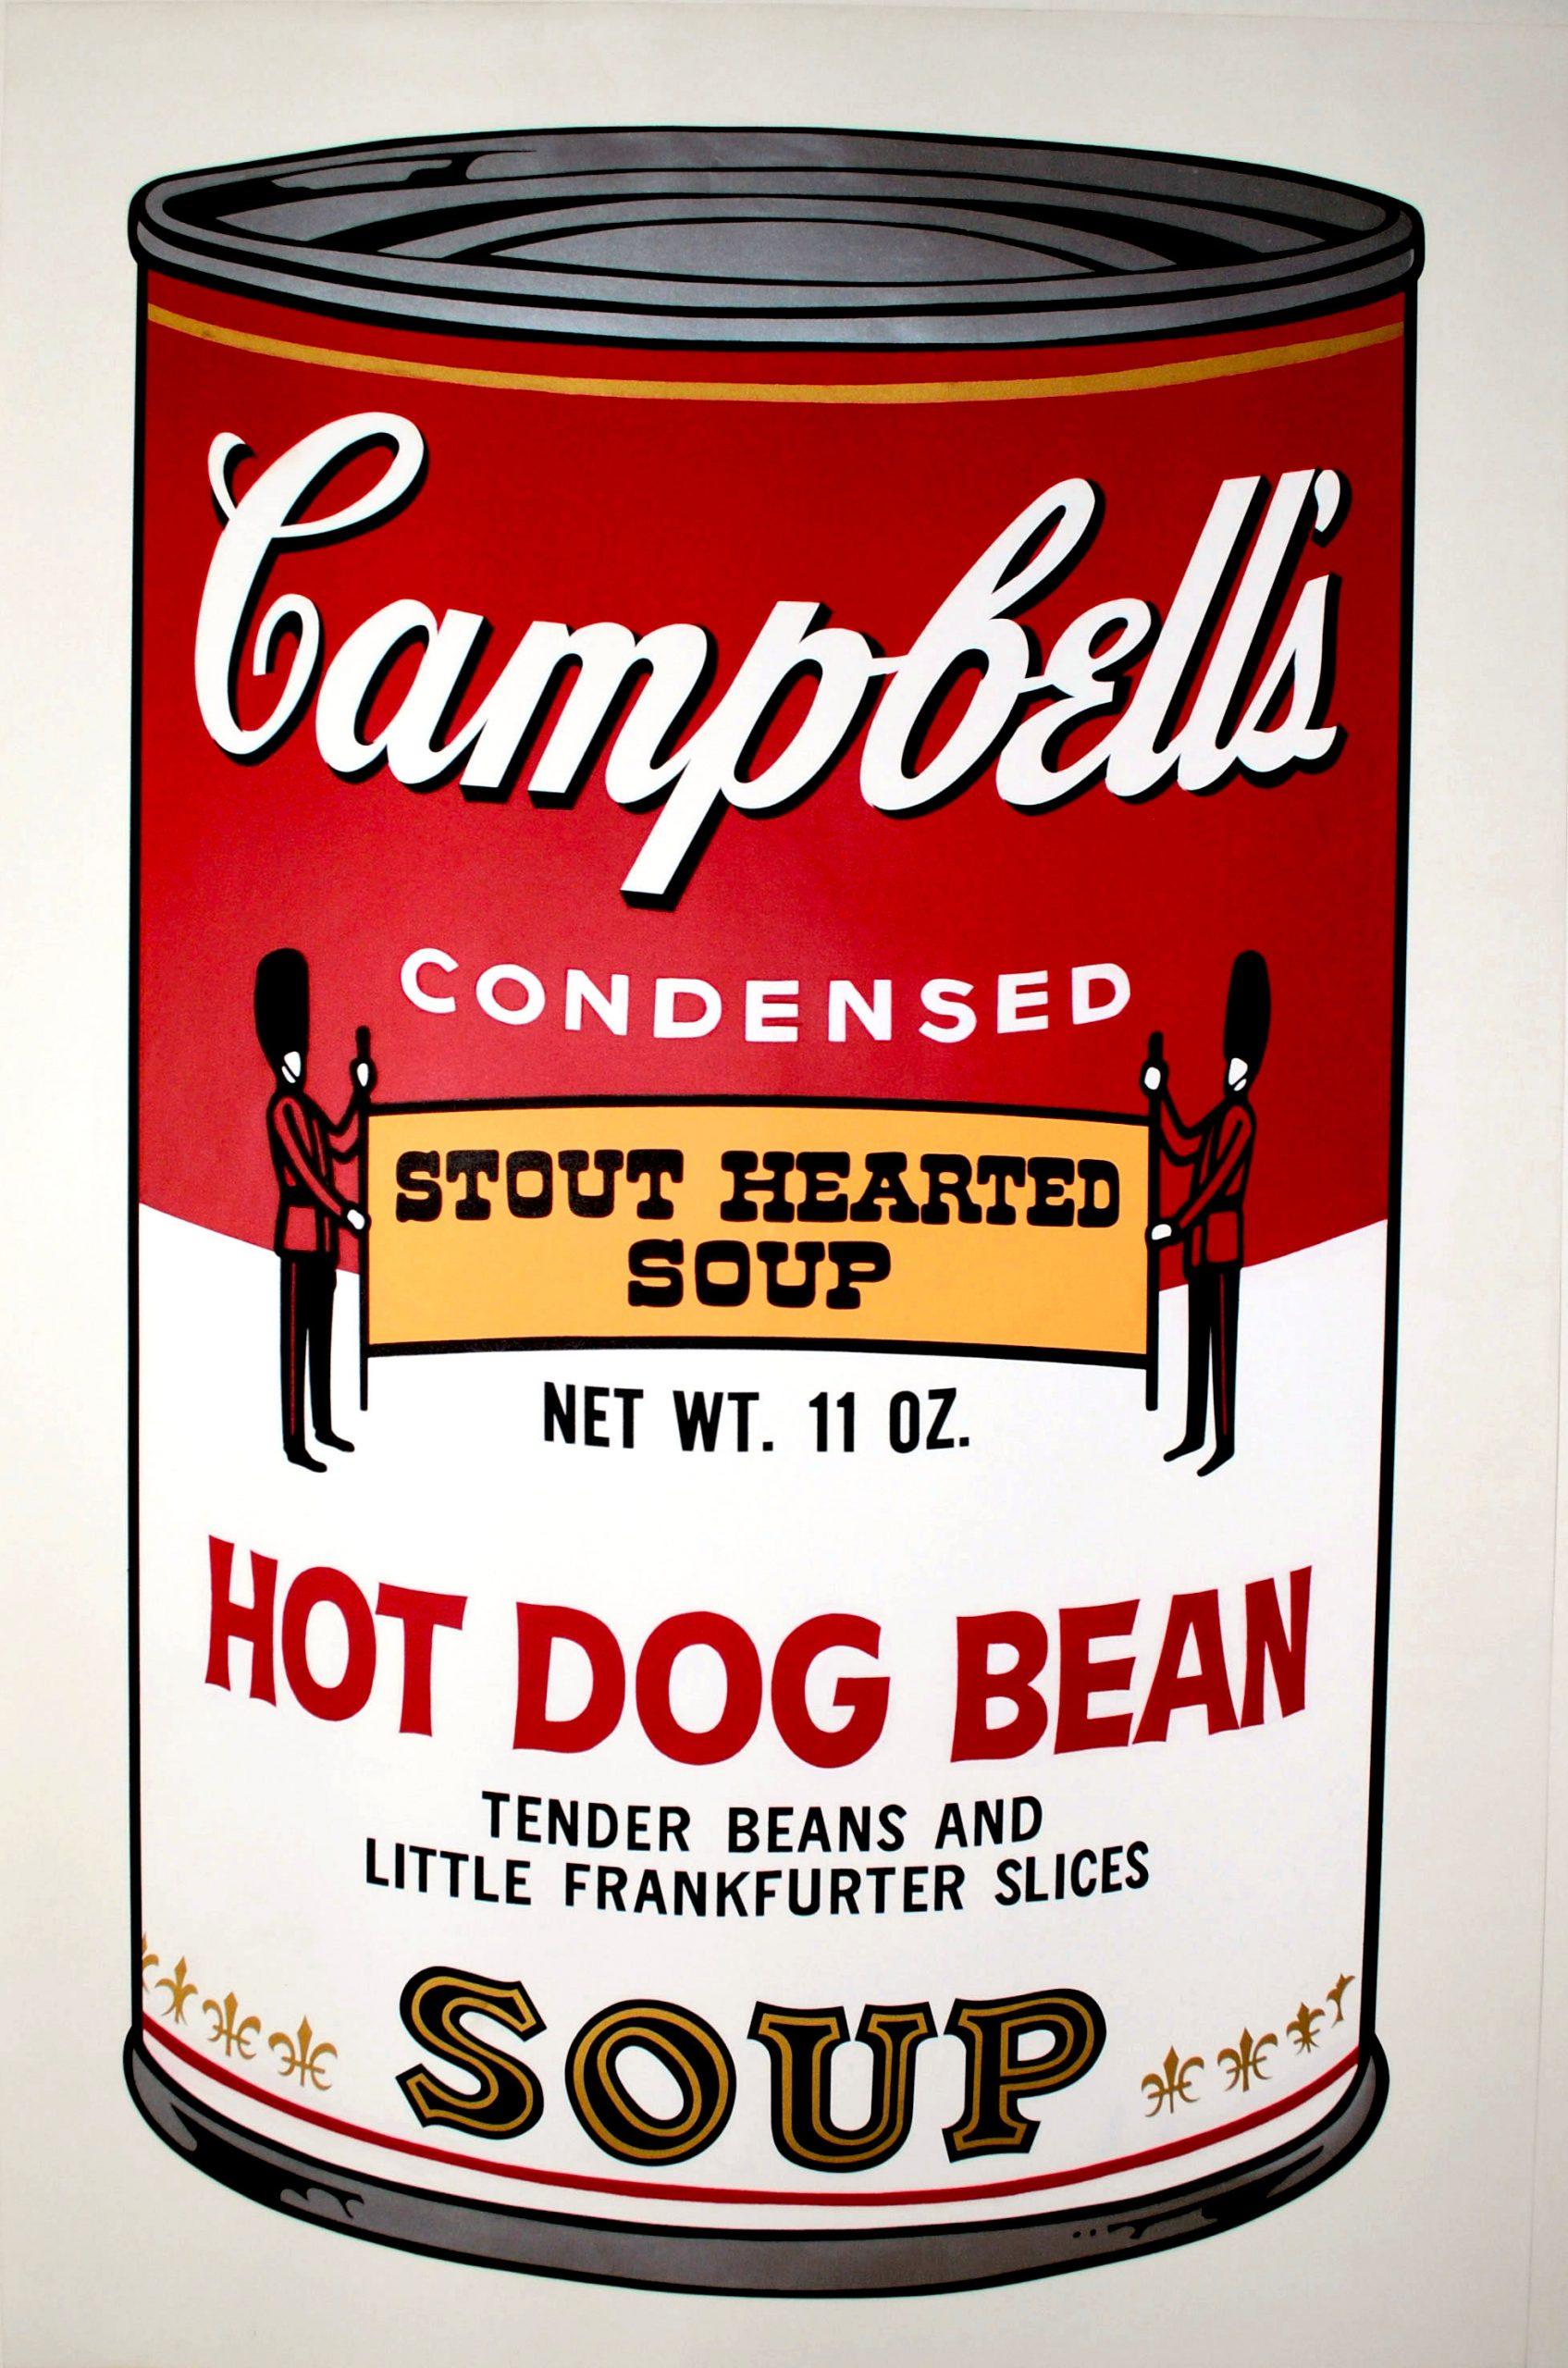 Hot Dog Bean (fs Ii.59) by Andy Warhol